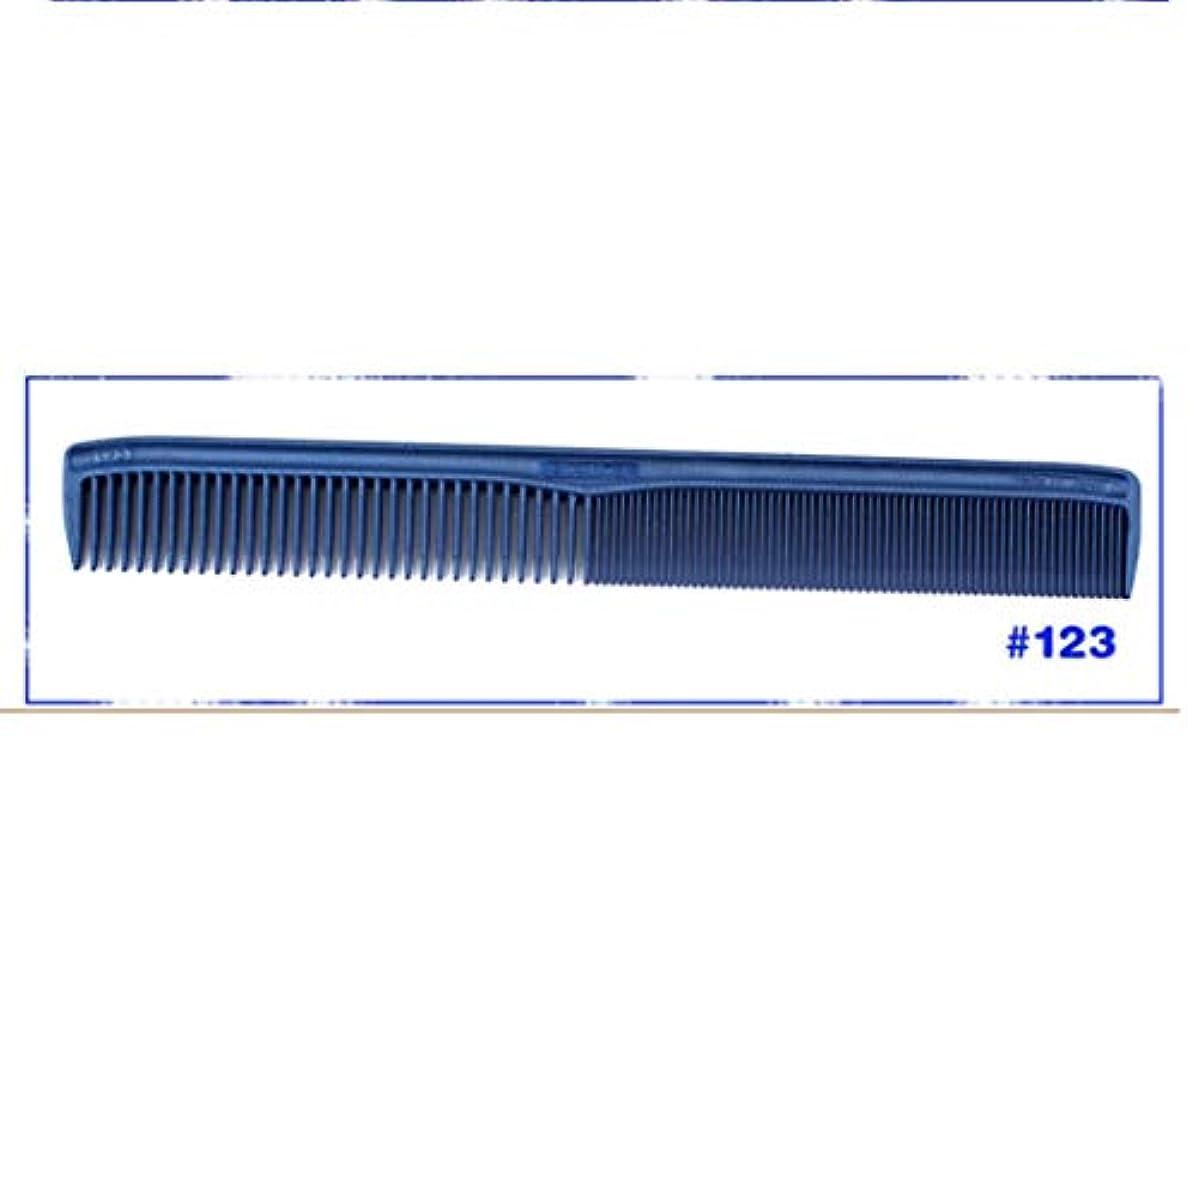 交換津波厚いGuomao 女性または男性のプラスチック製の櫛の極薄のハンドルの櫛のための専門の3D櫛 (サイズ : 123)